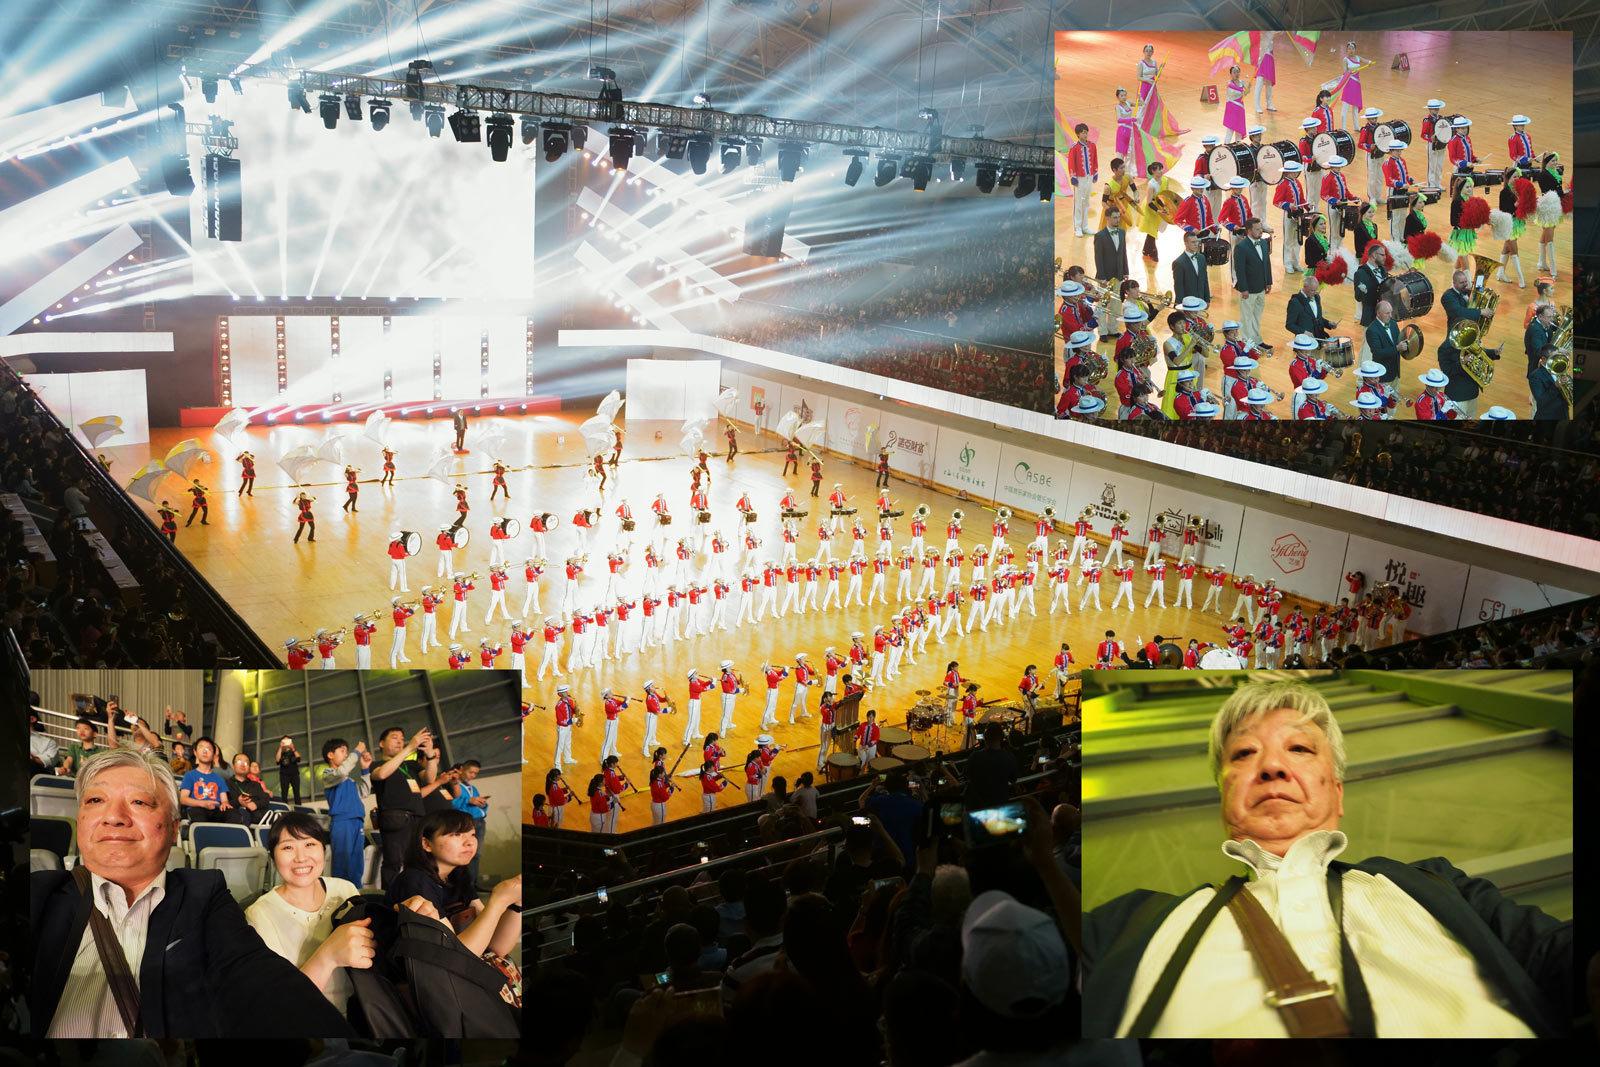 上海国際音楽祭 開門!_a0271402_08184404.jpg